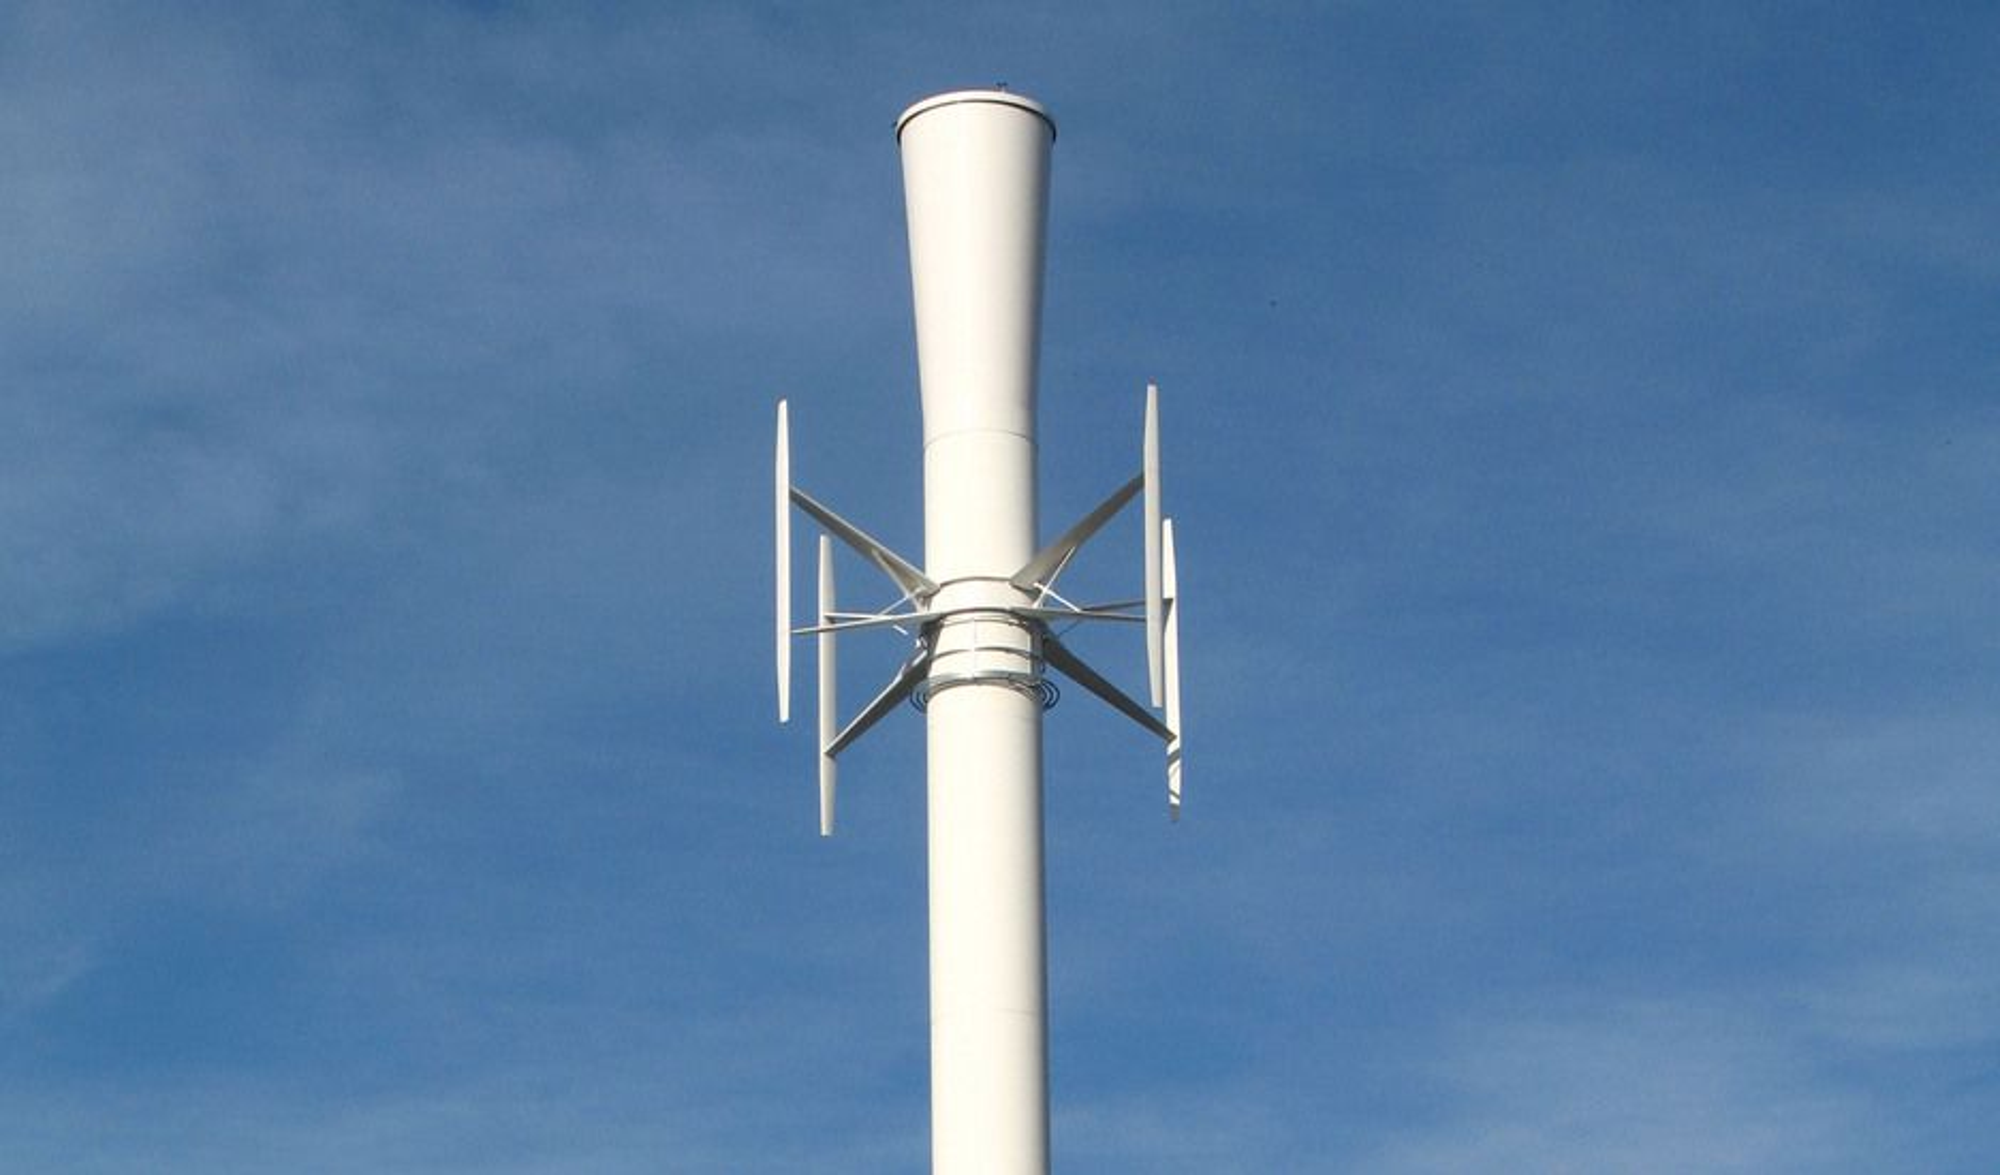 TESTMØLLE: Selskapet Vertical Wind utvikler vertikale vindmøller. Dette er Ericsson Tower Tube, et testprosjekt som kombinerer vindkraft og basestasjoner for mobiltelefoni. Nå skal selskapet bygge fire testmøller på 200 kW hver, med 10 millioner statlige kroner i ryggen.